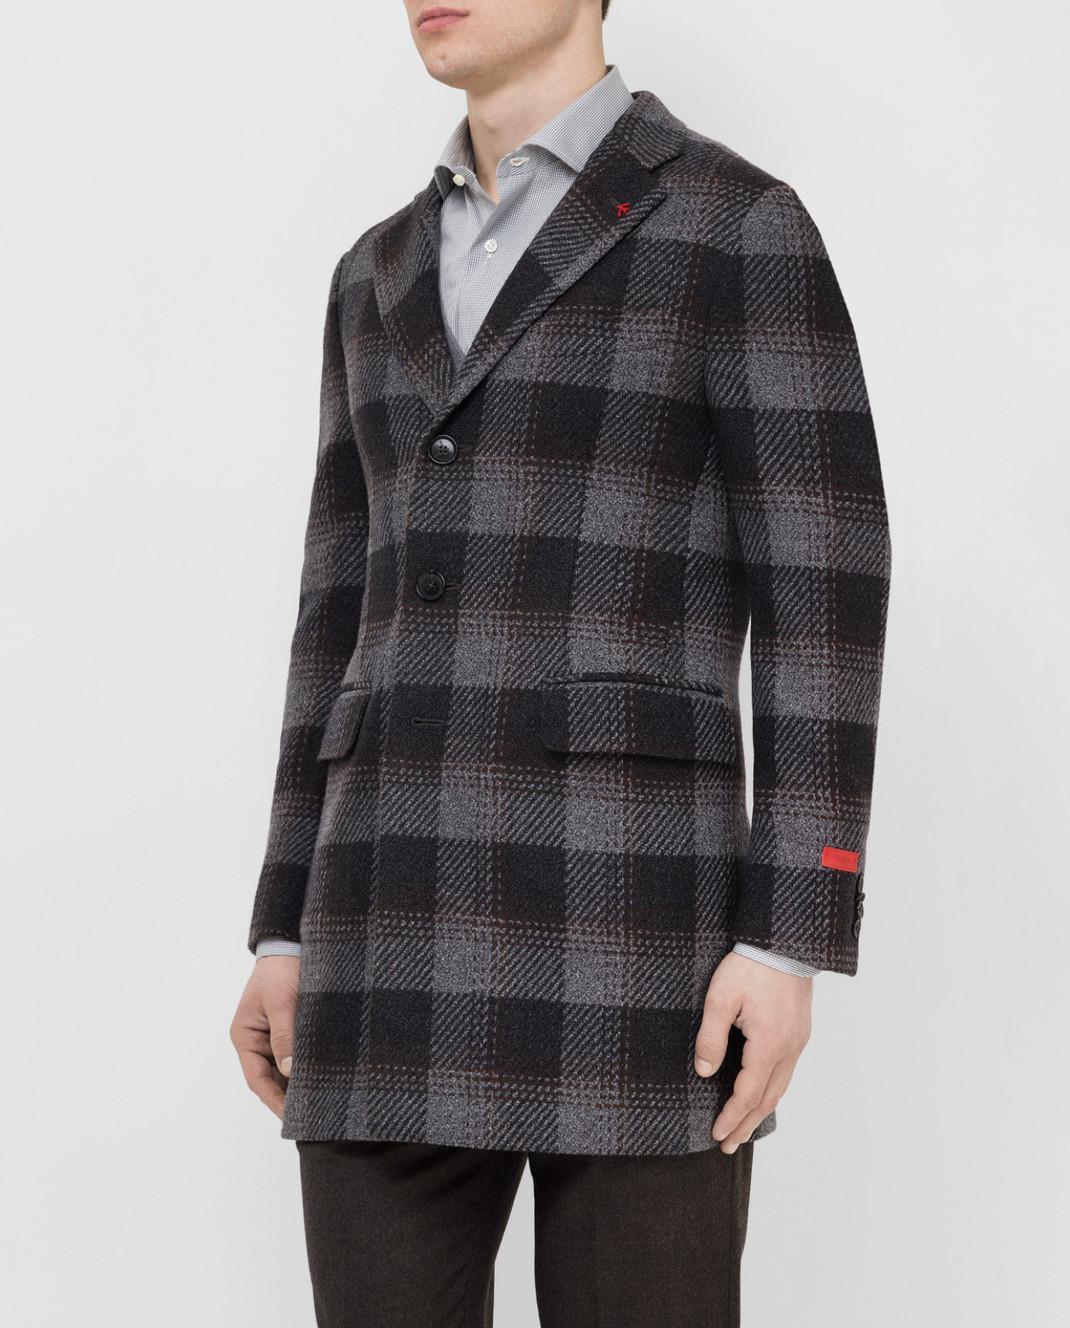 ISAIA Темно-серое пальто из шерсти 00736887340 изображение 3